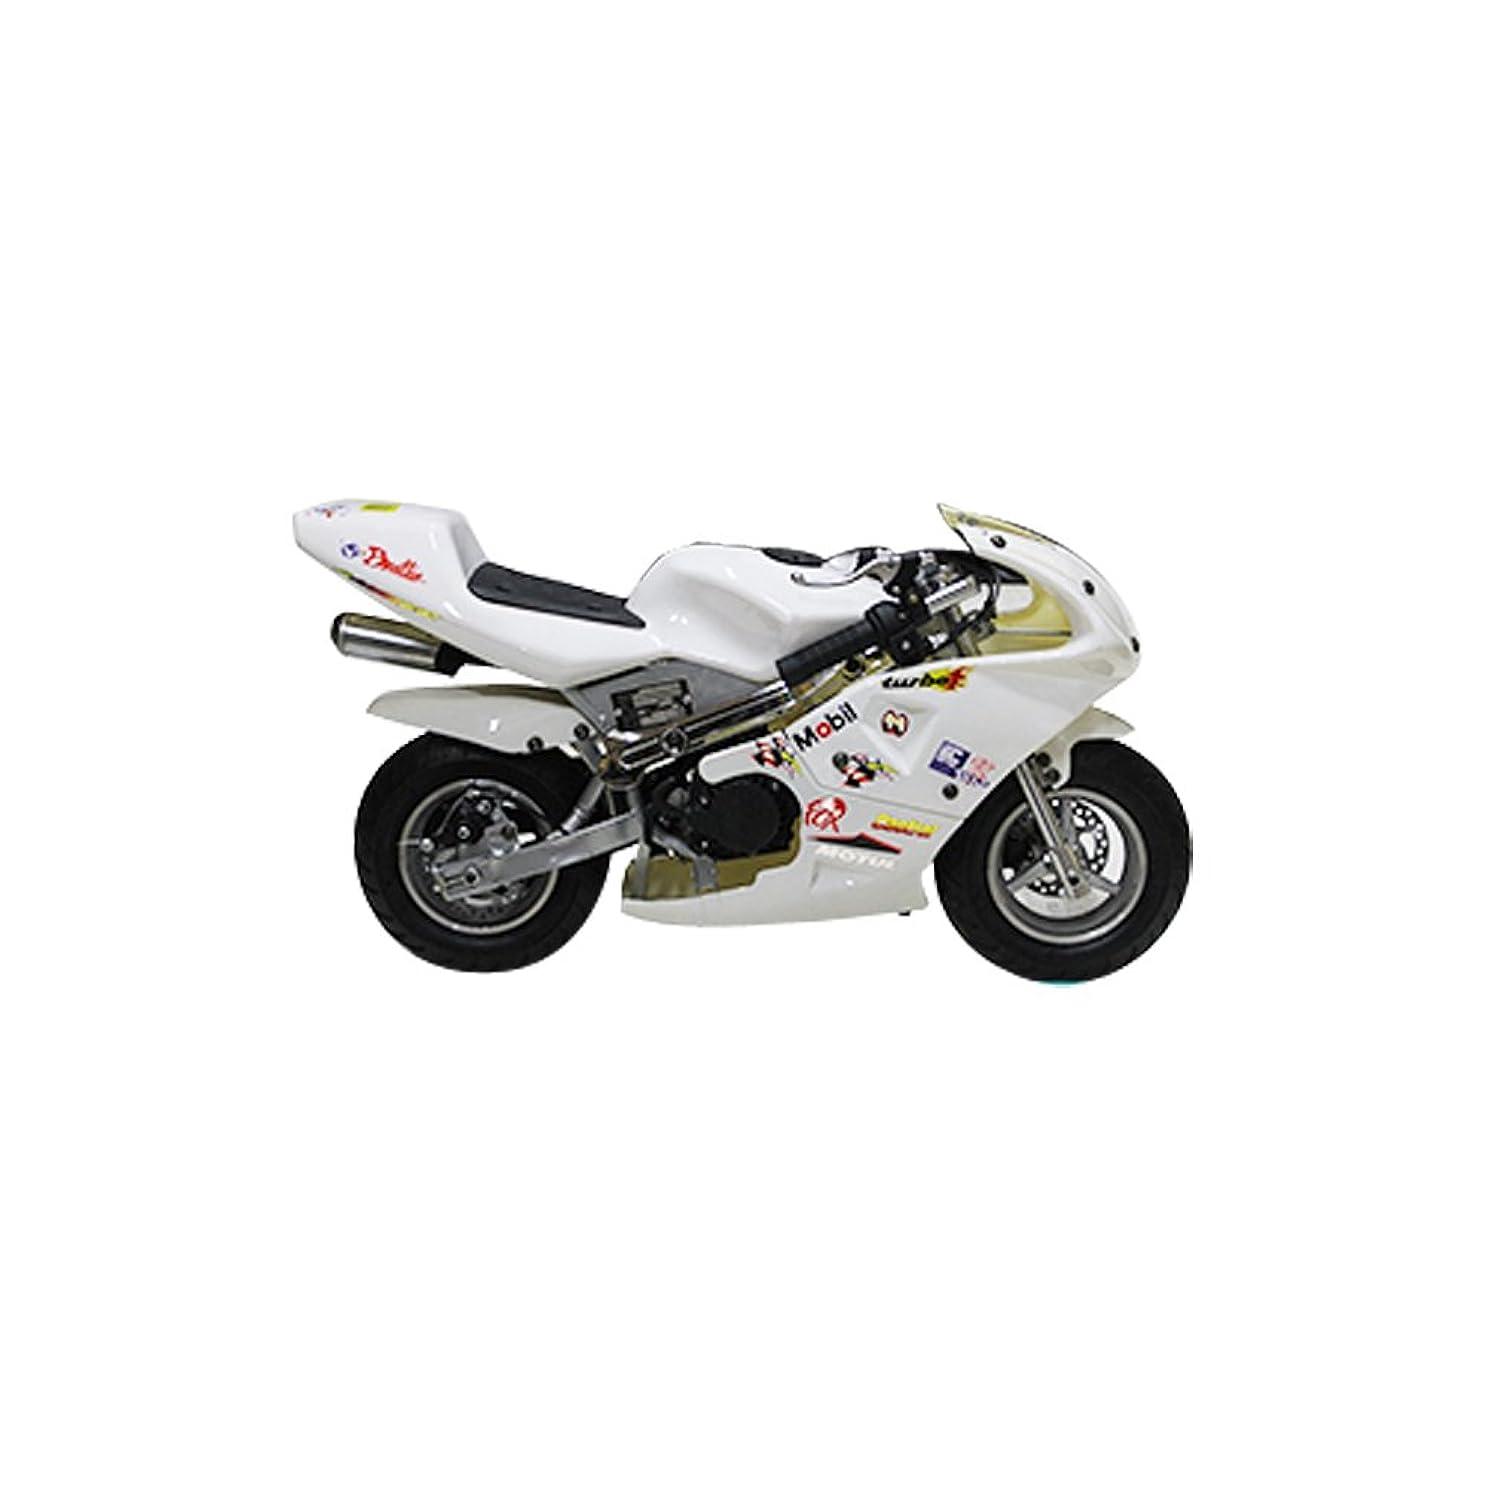 後ろに共和国登山家49cc GP 黒白カラーモデル エンジン ポケバイ ポケットバイク 2ストエンジン 混合油使用